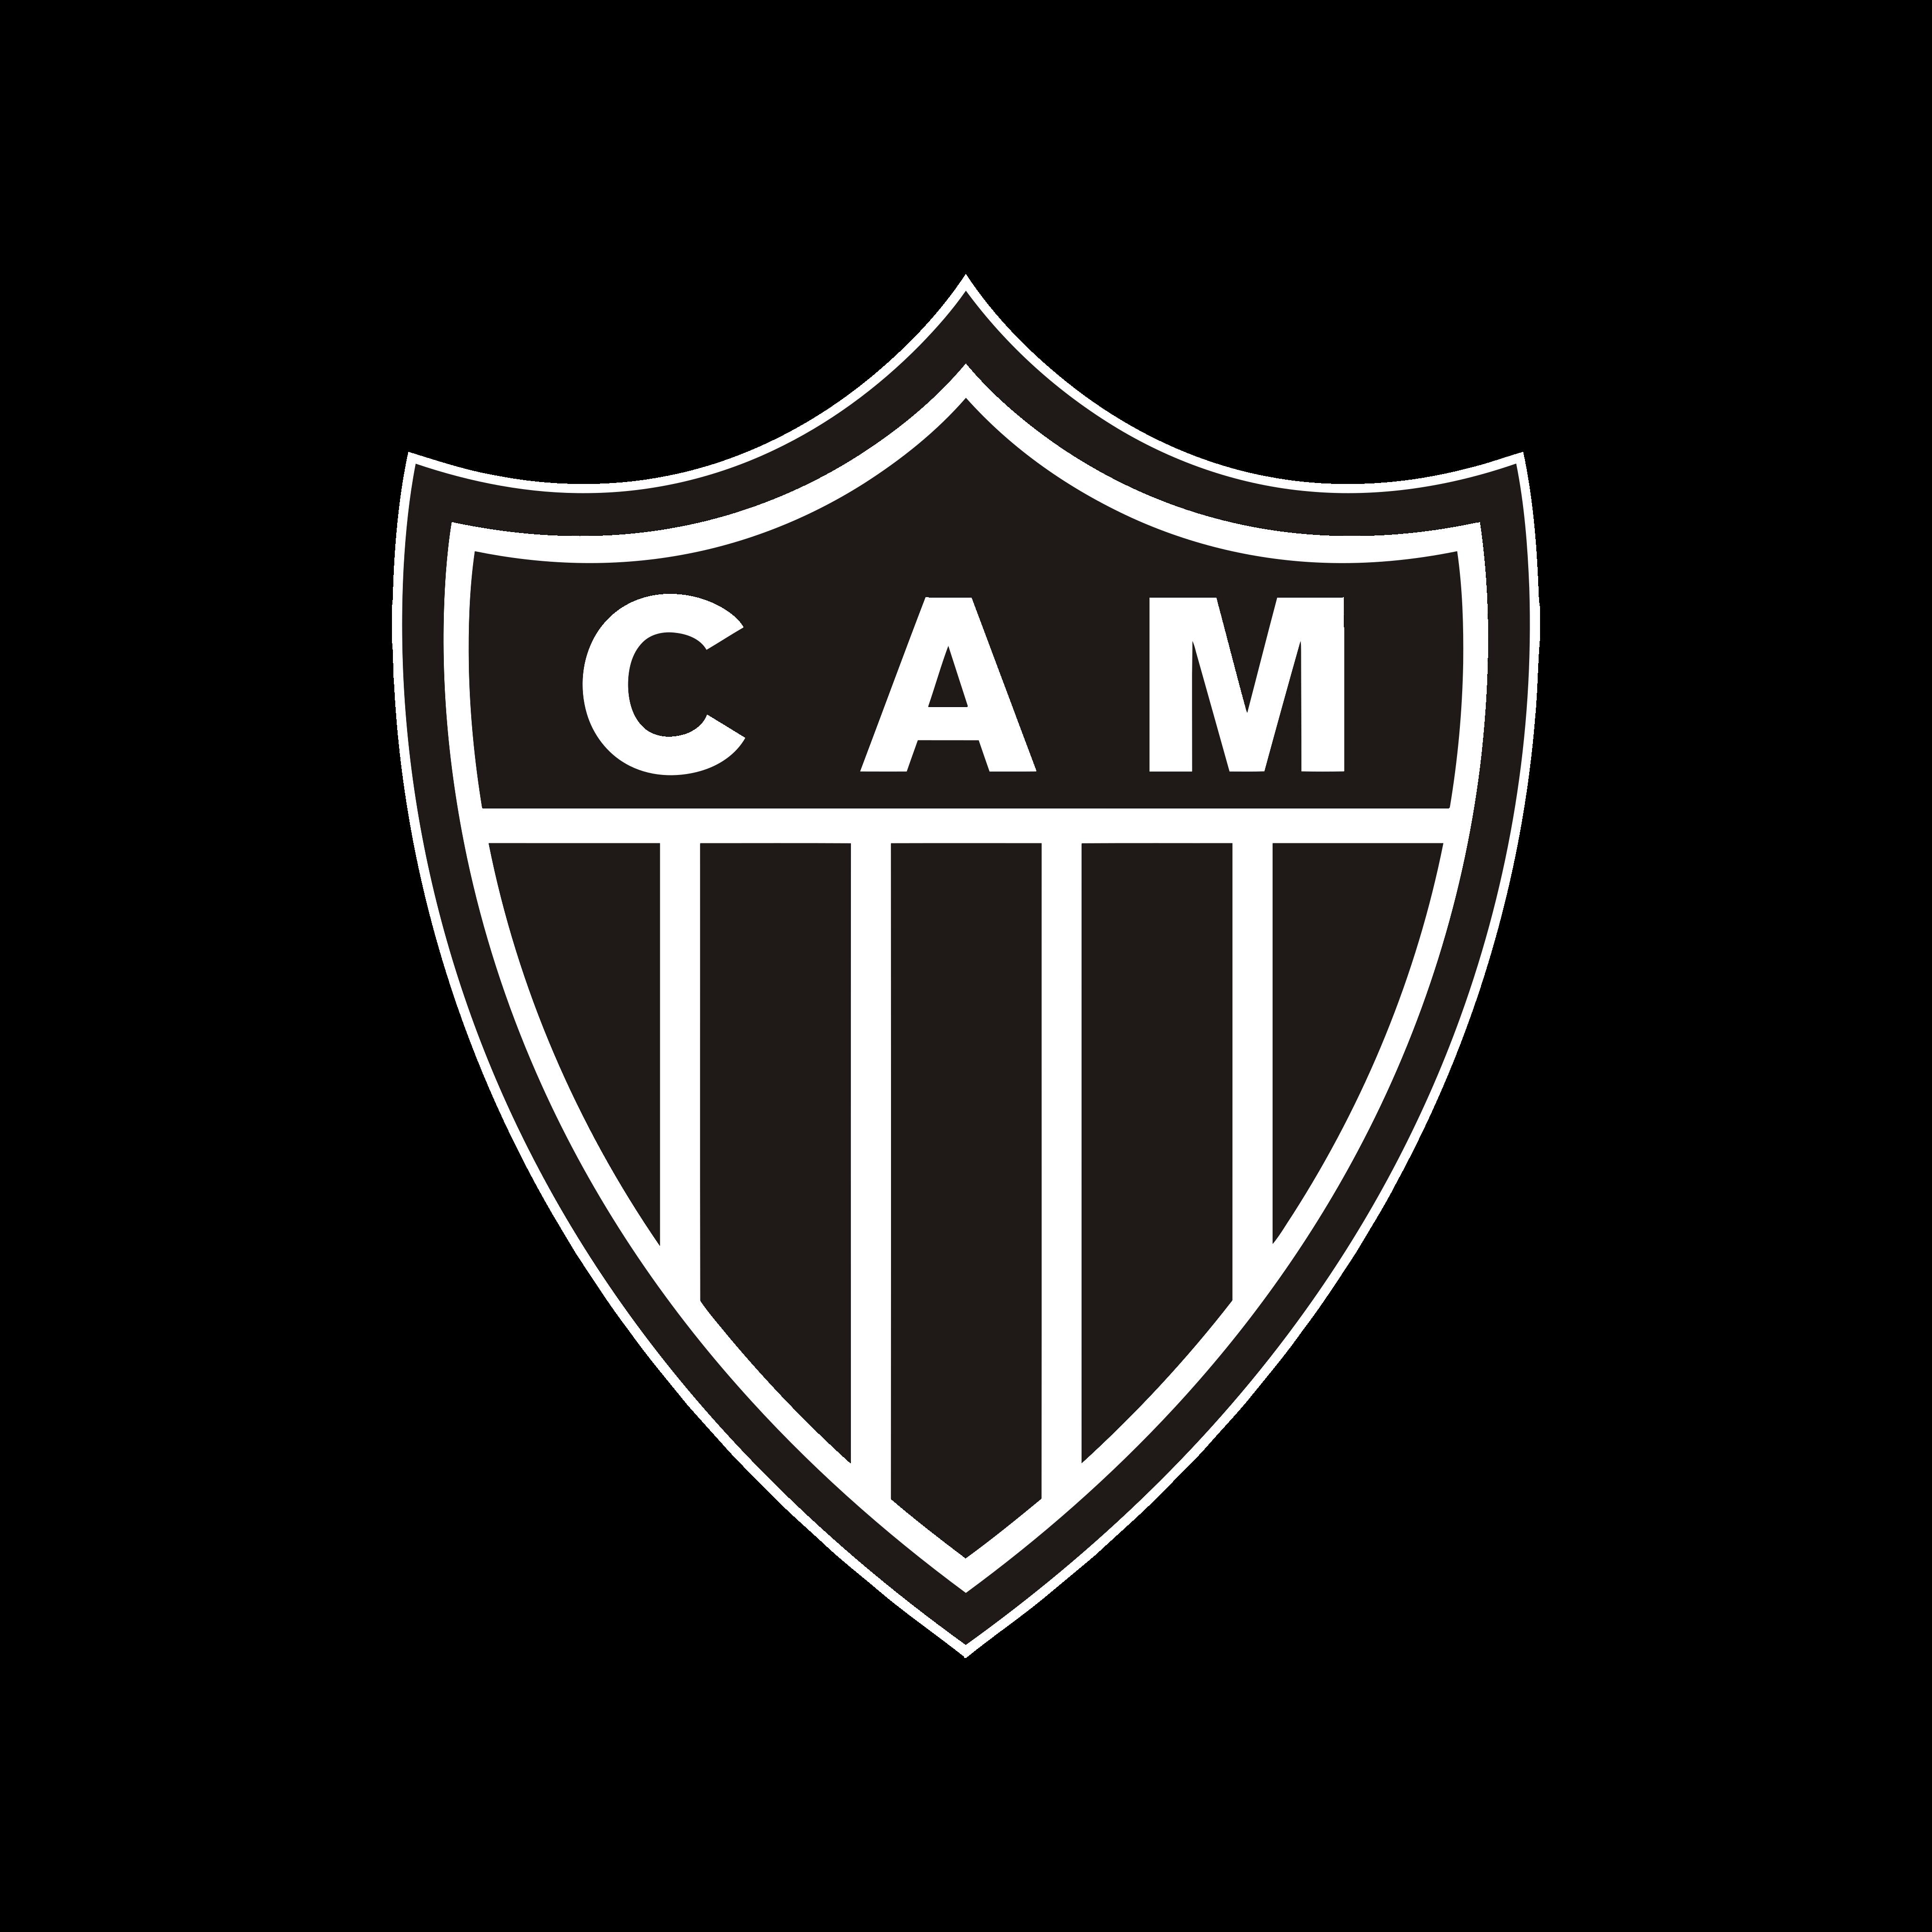 atletico mineiro logo 0 - Atlético Mineiro Logo - Escudo